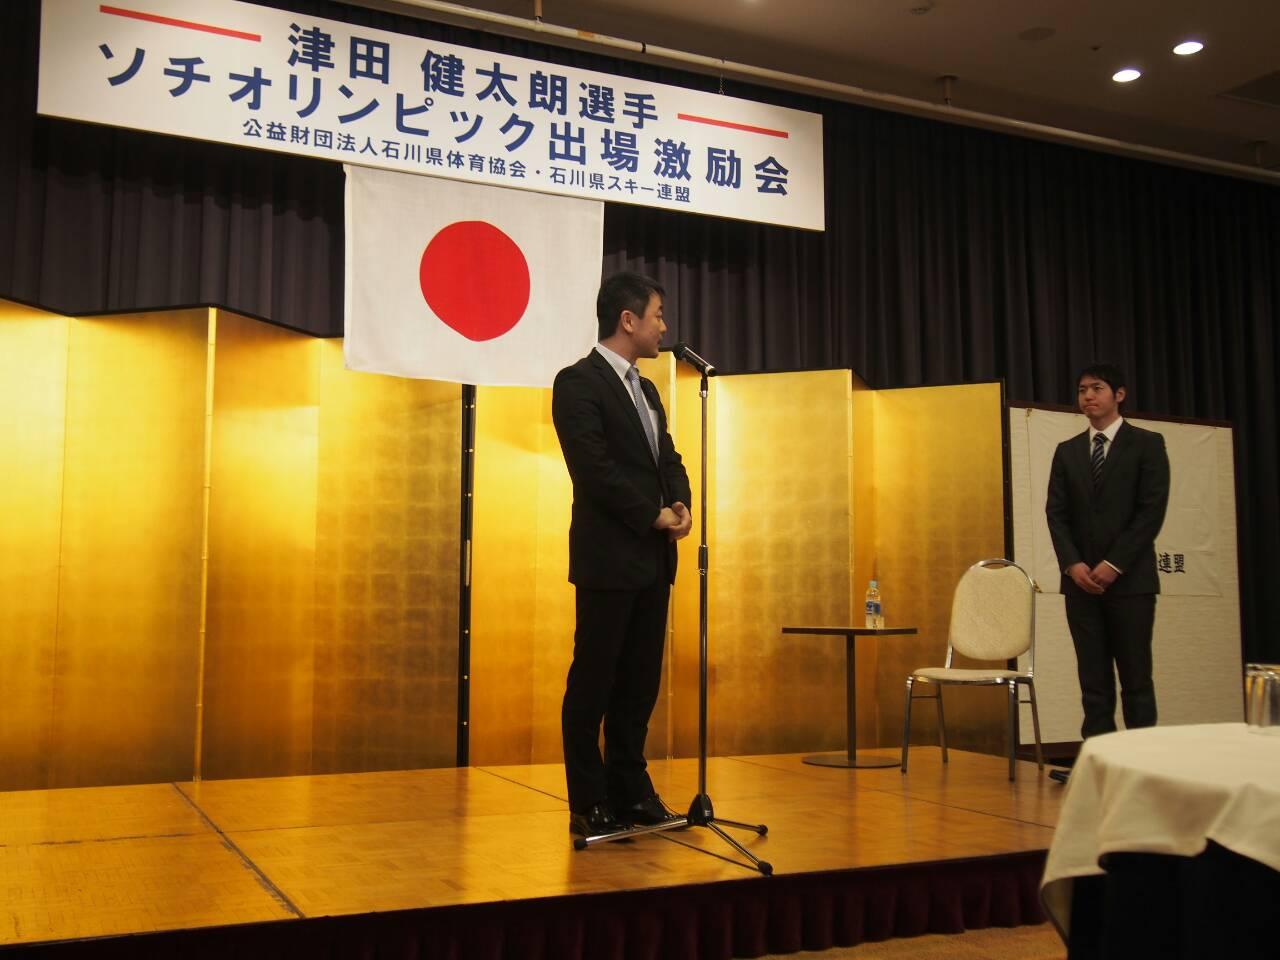 2014:01:24:1007石川から「金」を 津田選手ソチ五輪出場おめでとうございます